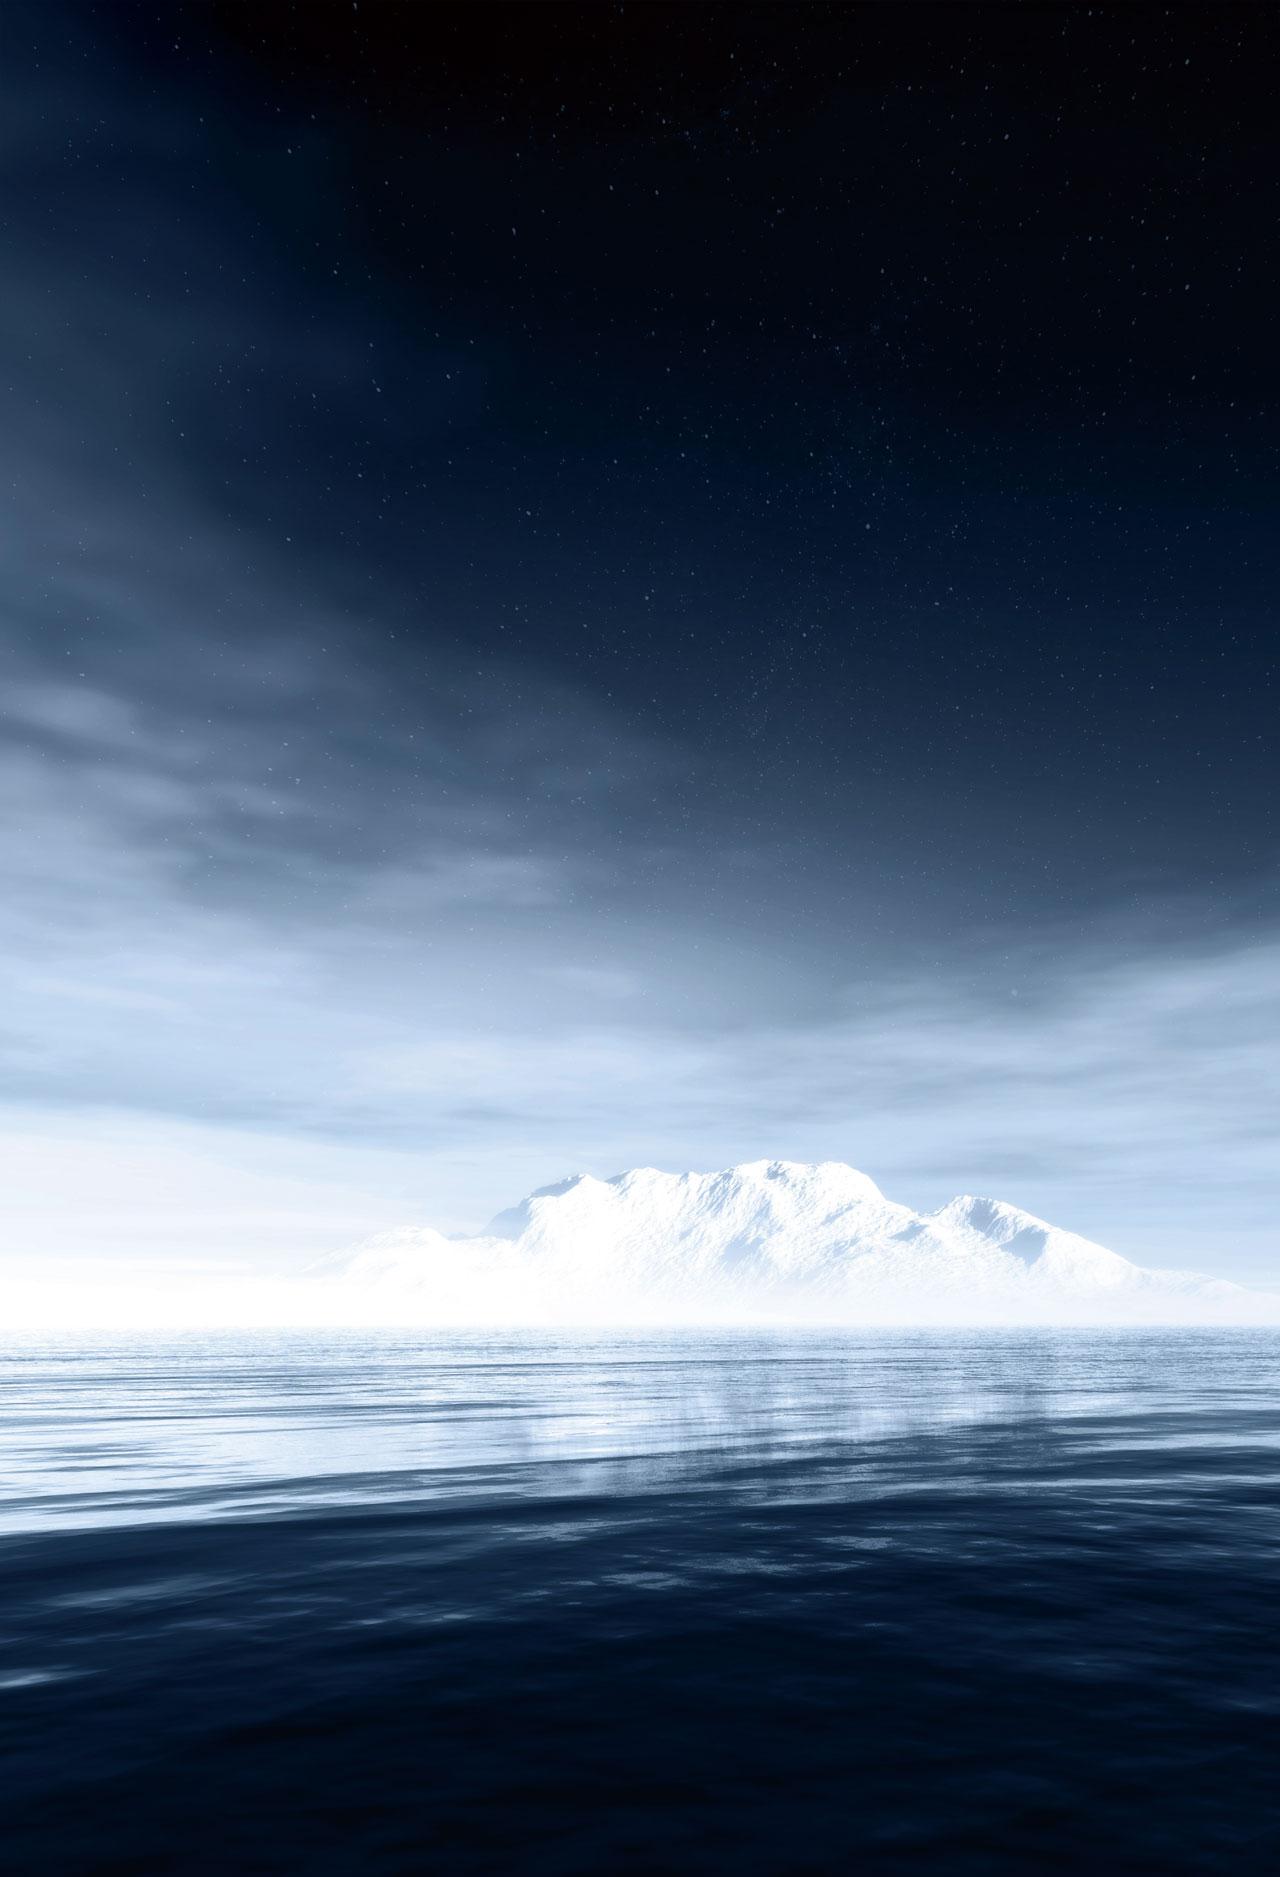 Kate Paesaggio Del Mare Fondali Fotografia Bianco Islanda Mare Blu